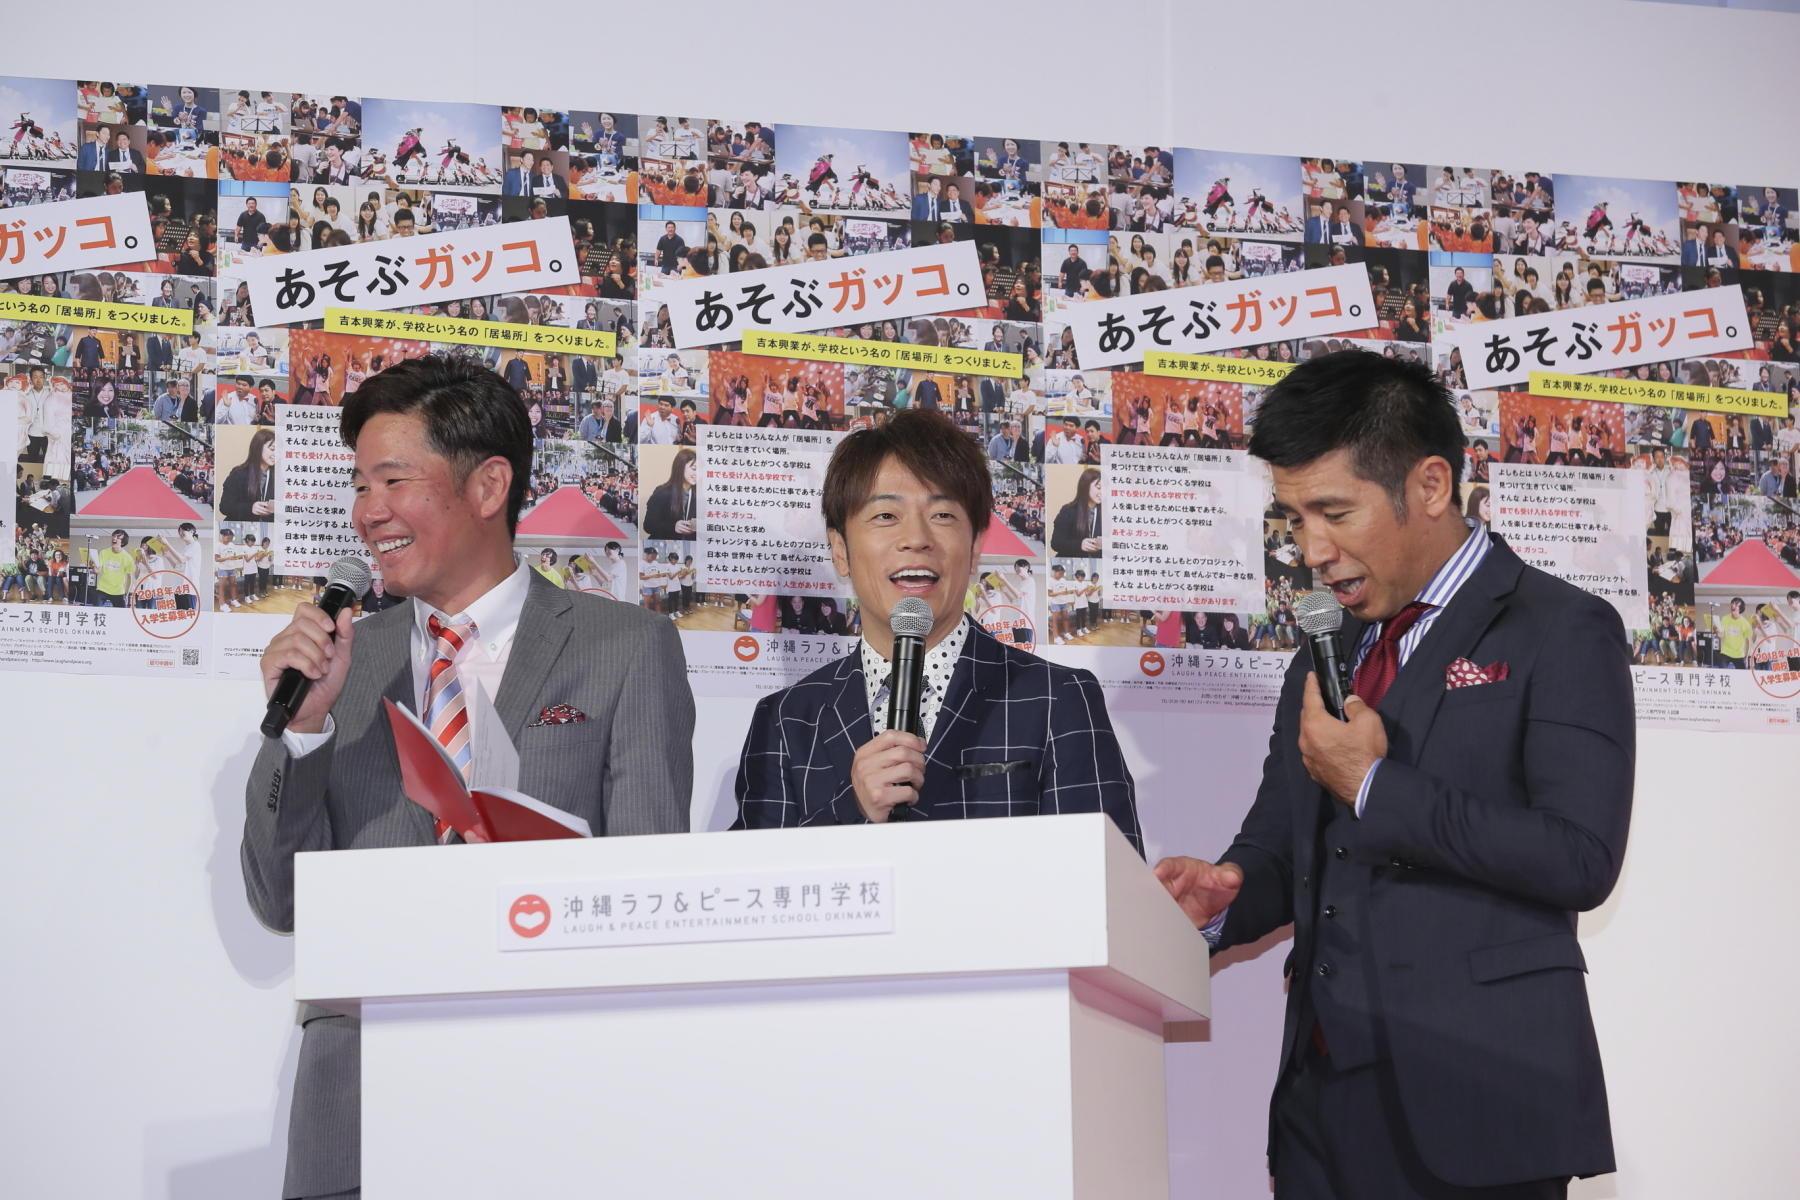 http://news.yoshimoto.co.jp/20171006102548-4f647fa18b9f6956ea0294c098c8dd7bb25f760b.jpg